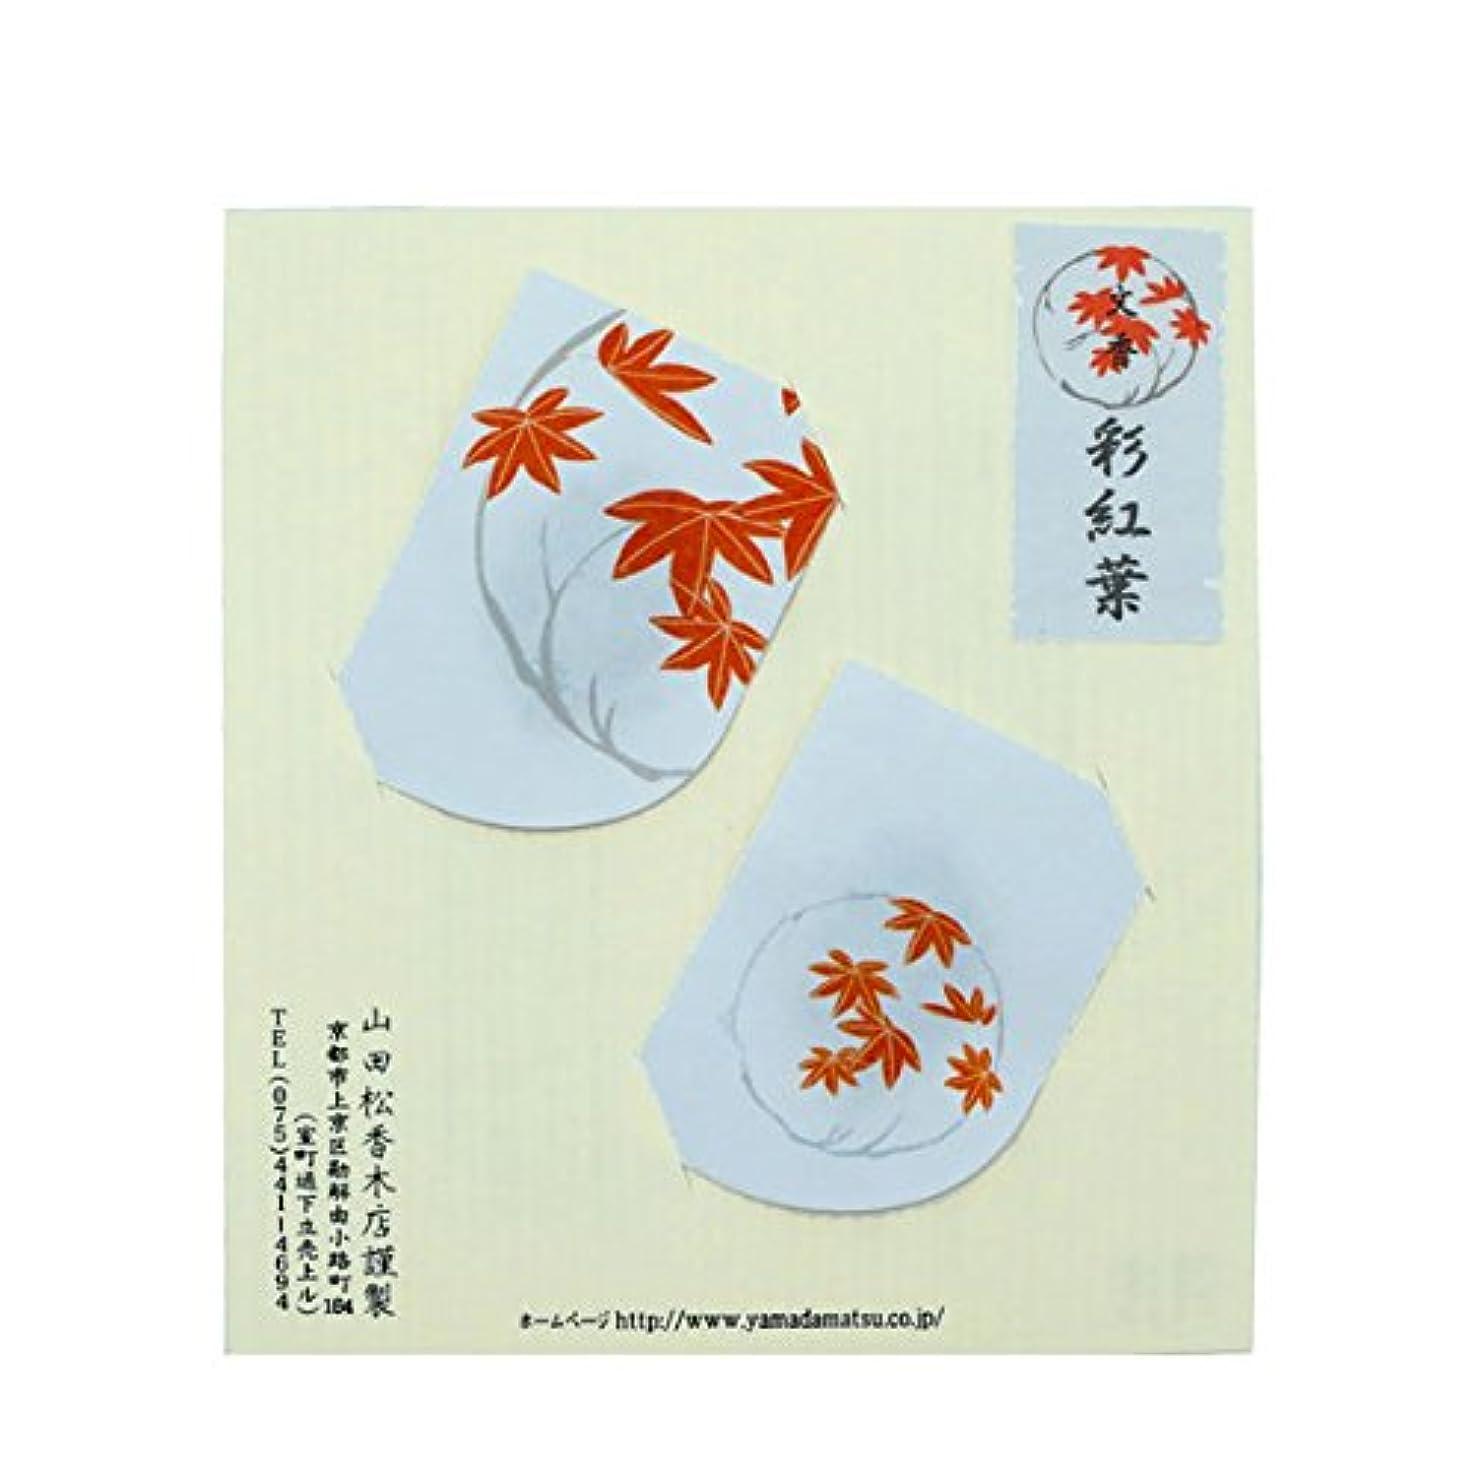 シャンプー破壊マリン文香  (彩紅葉)